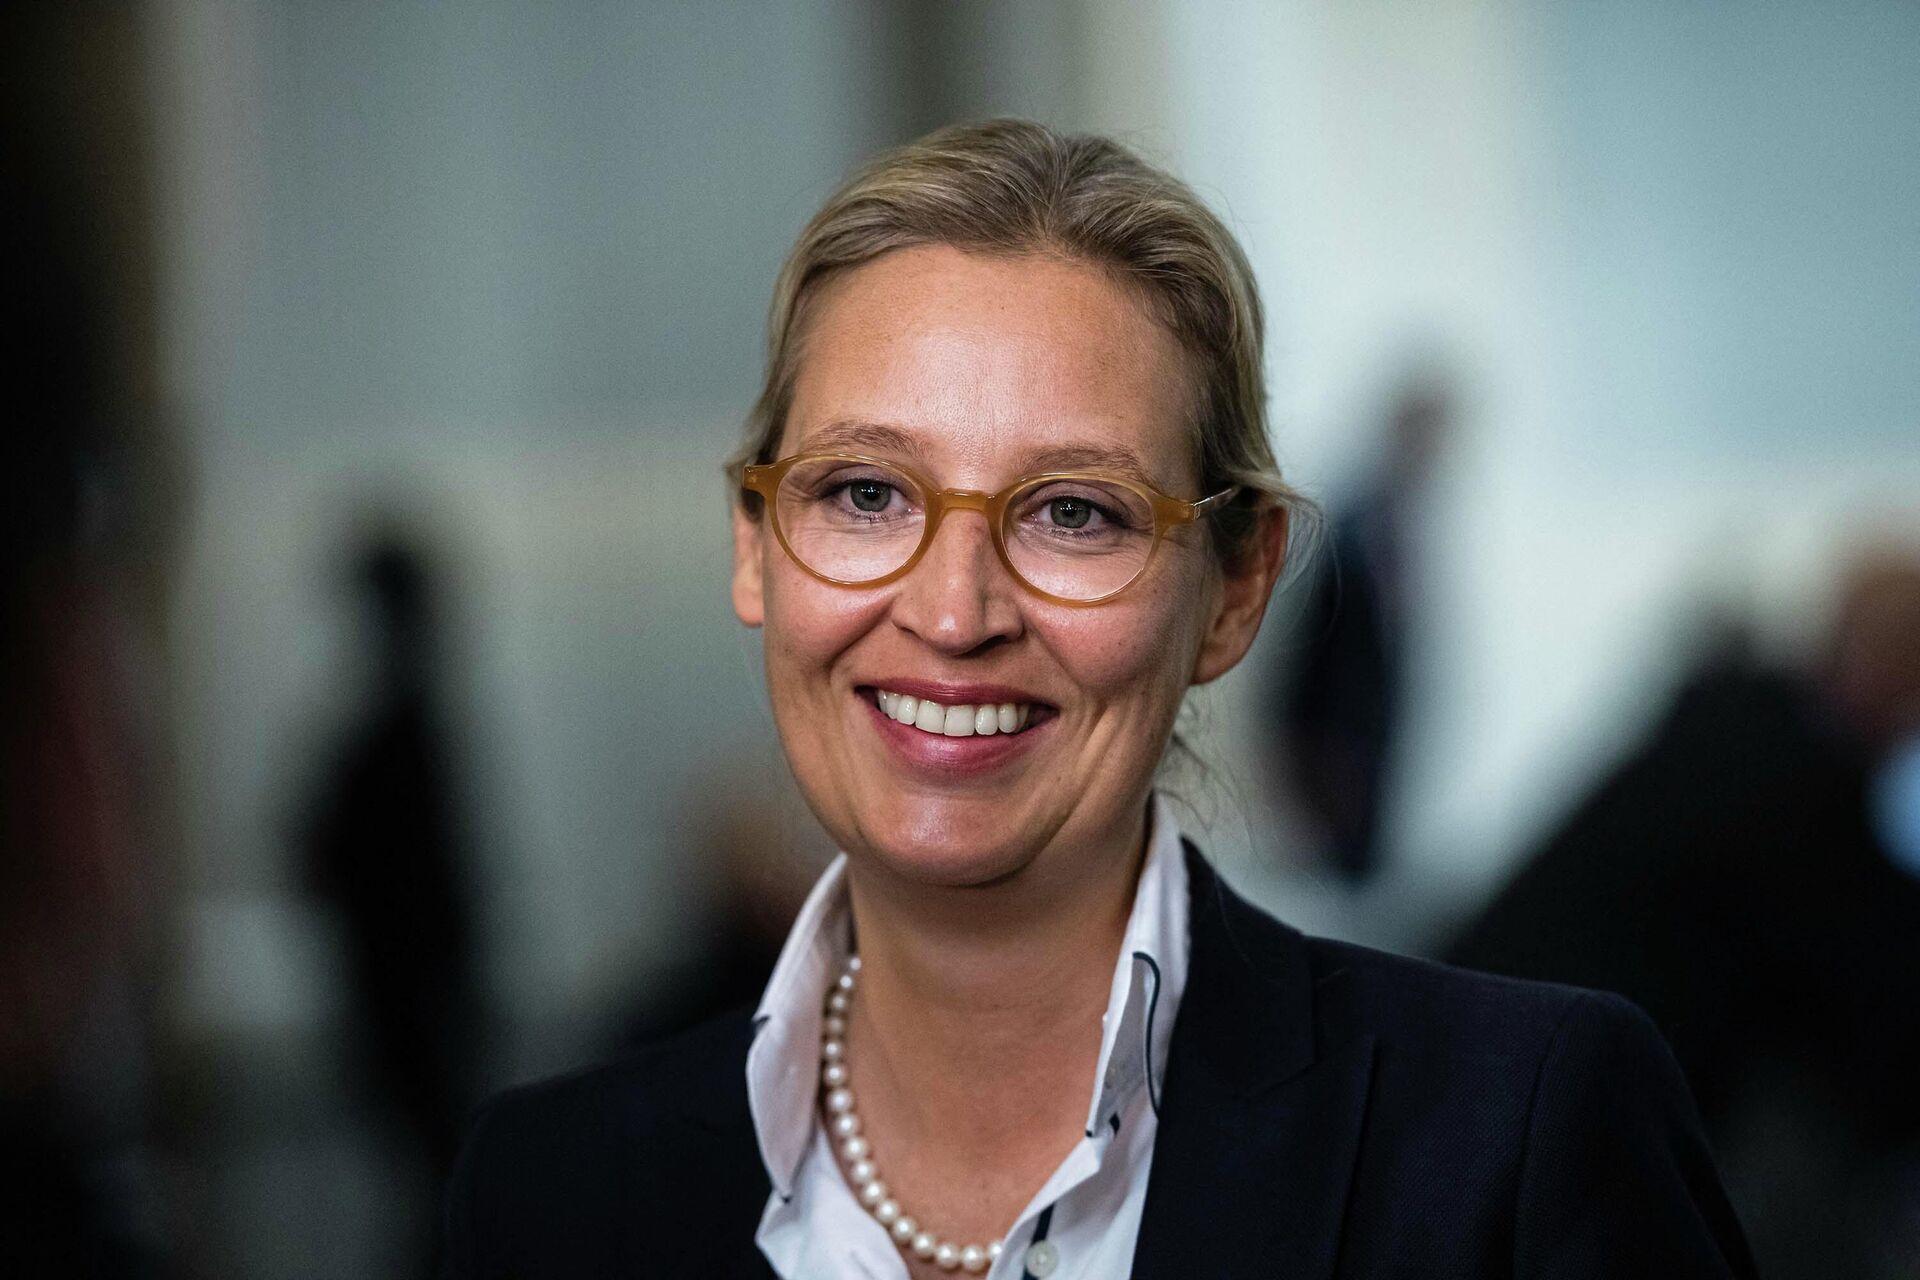 Сопредседатель парламентской группы партии Альтернатива Германии Алиса Вайдель - Sputnik Таджикистан, 1920, 23.09.2021